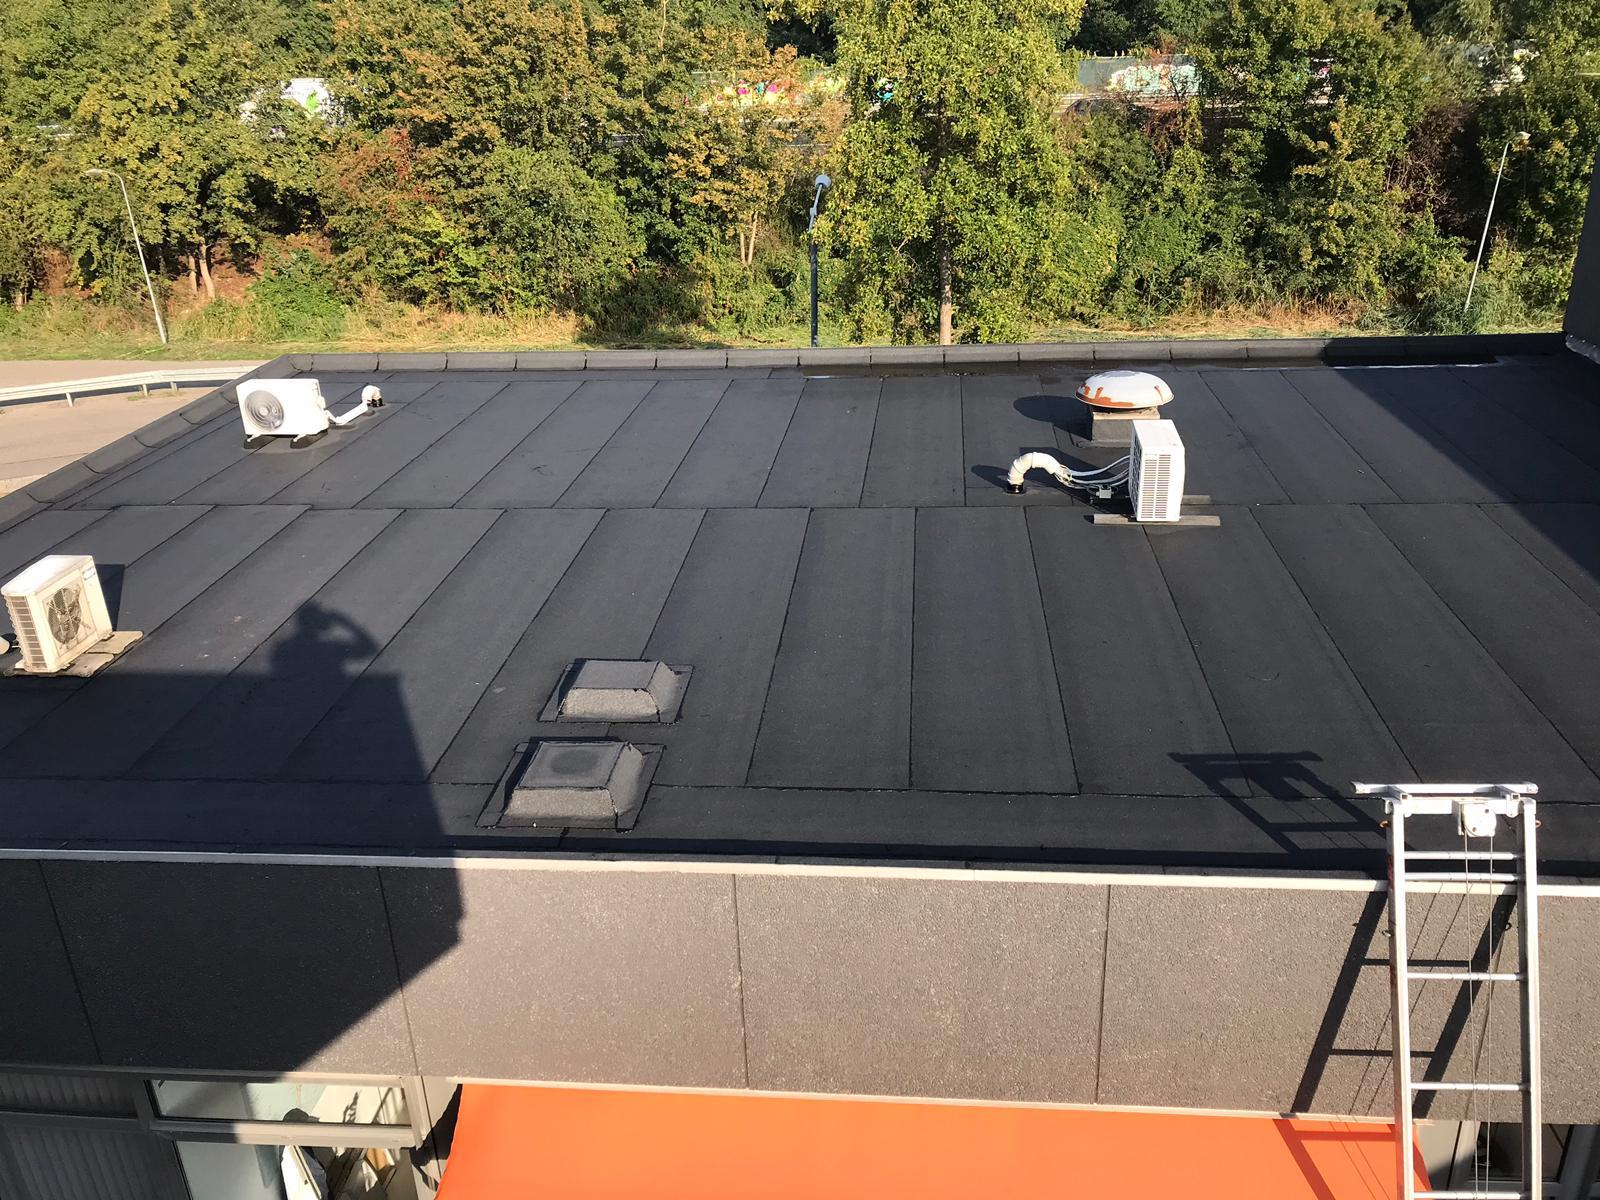 Bitumen dakbedekking op een dak geplaatst